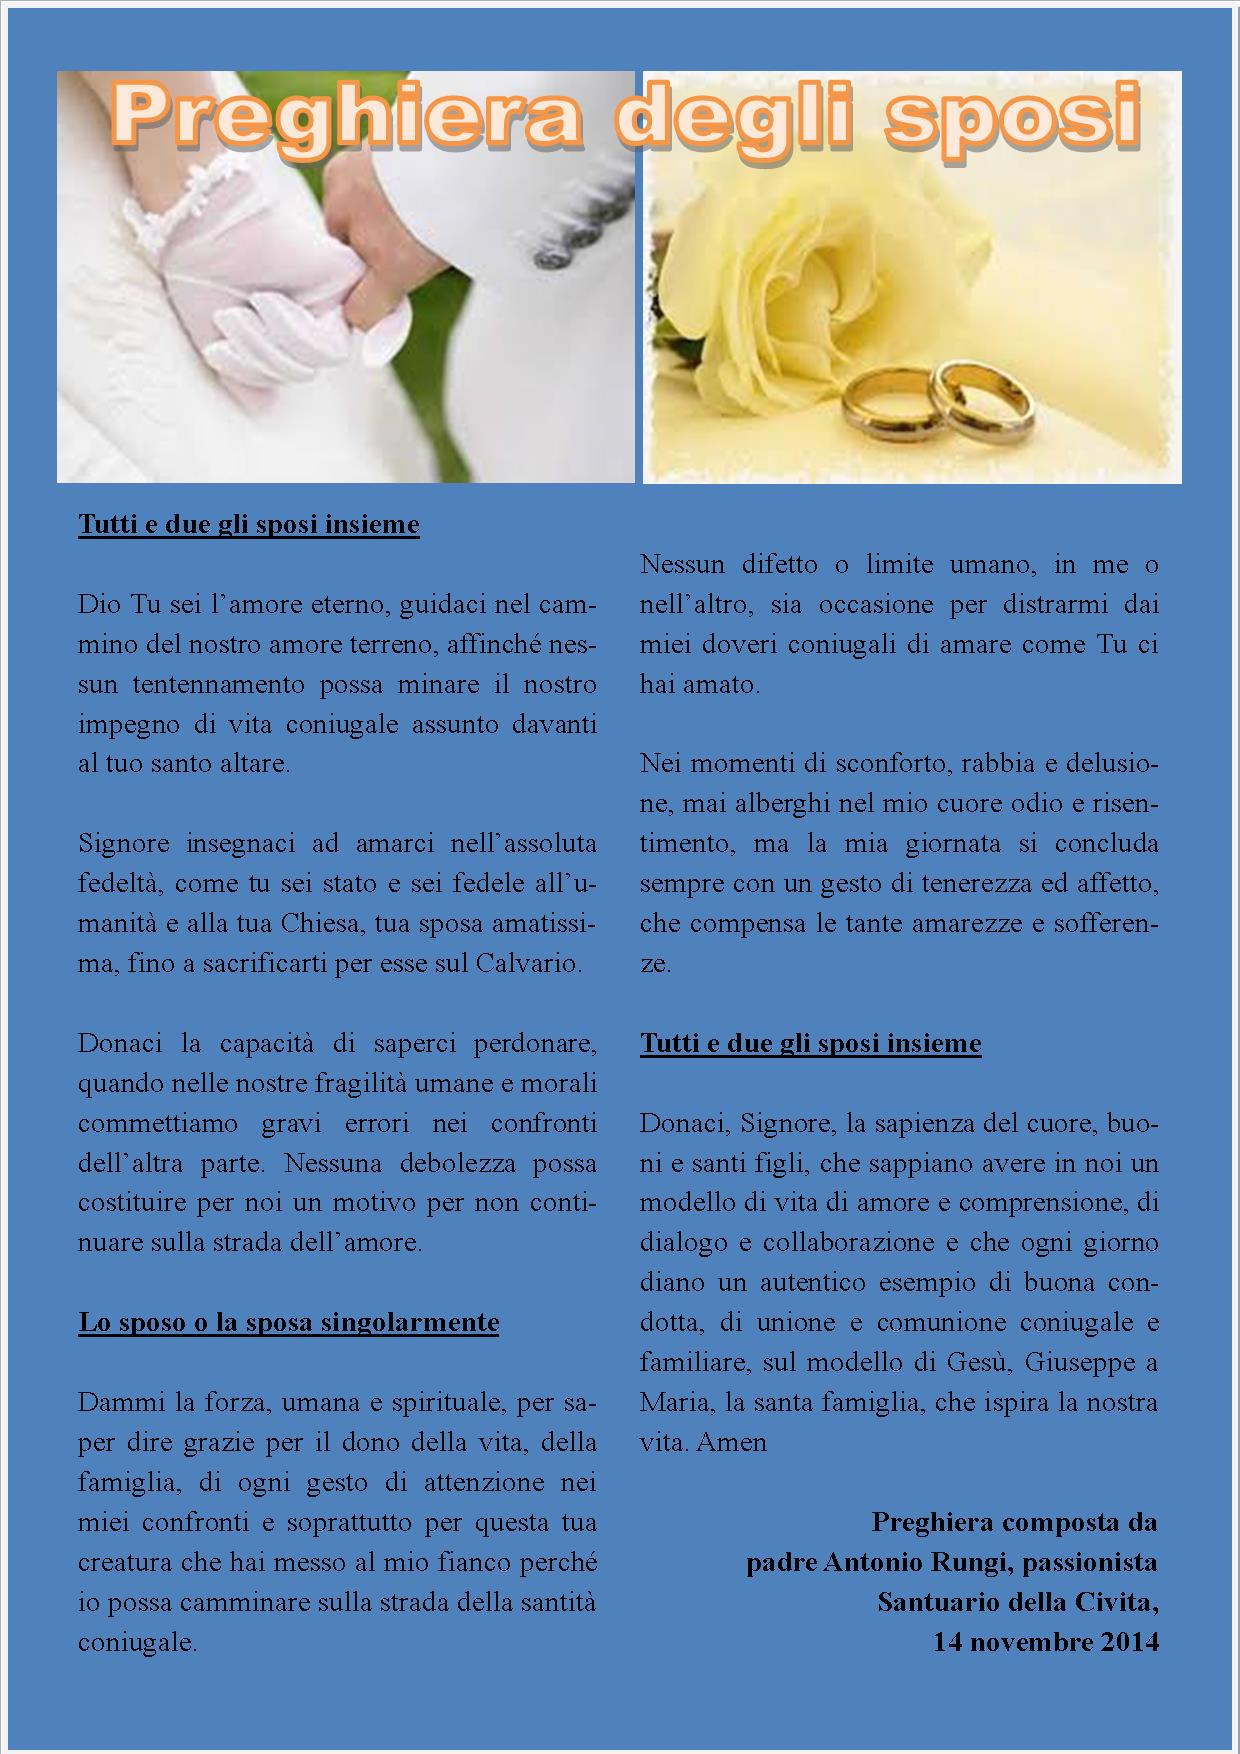 Preghiera archives pagina 2 di 16 padre antonio rungi for Degli sposi